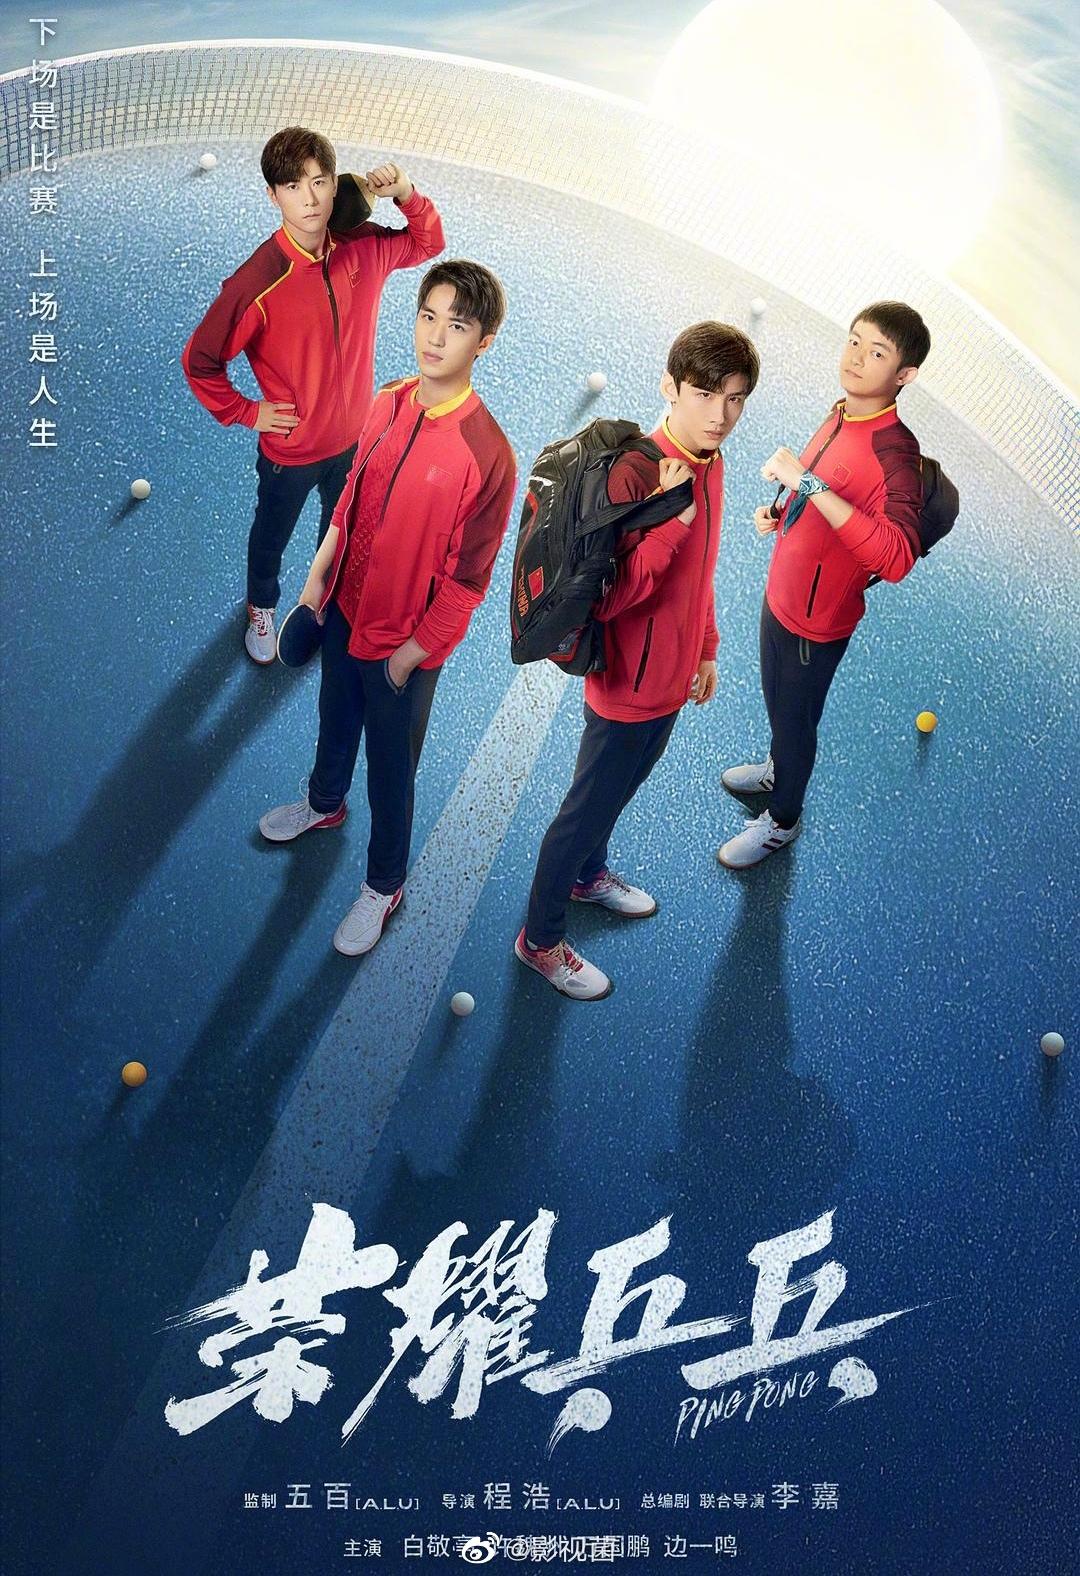 白敬亭,许魏洲主演的电视剧《荣耀乒乓》预计将于七月底上线